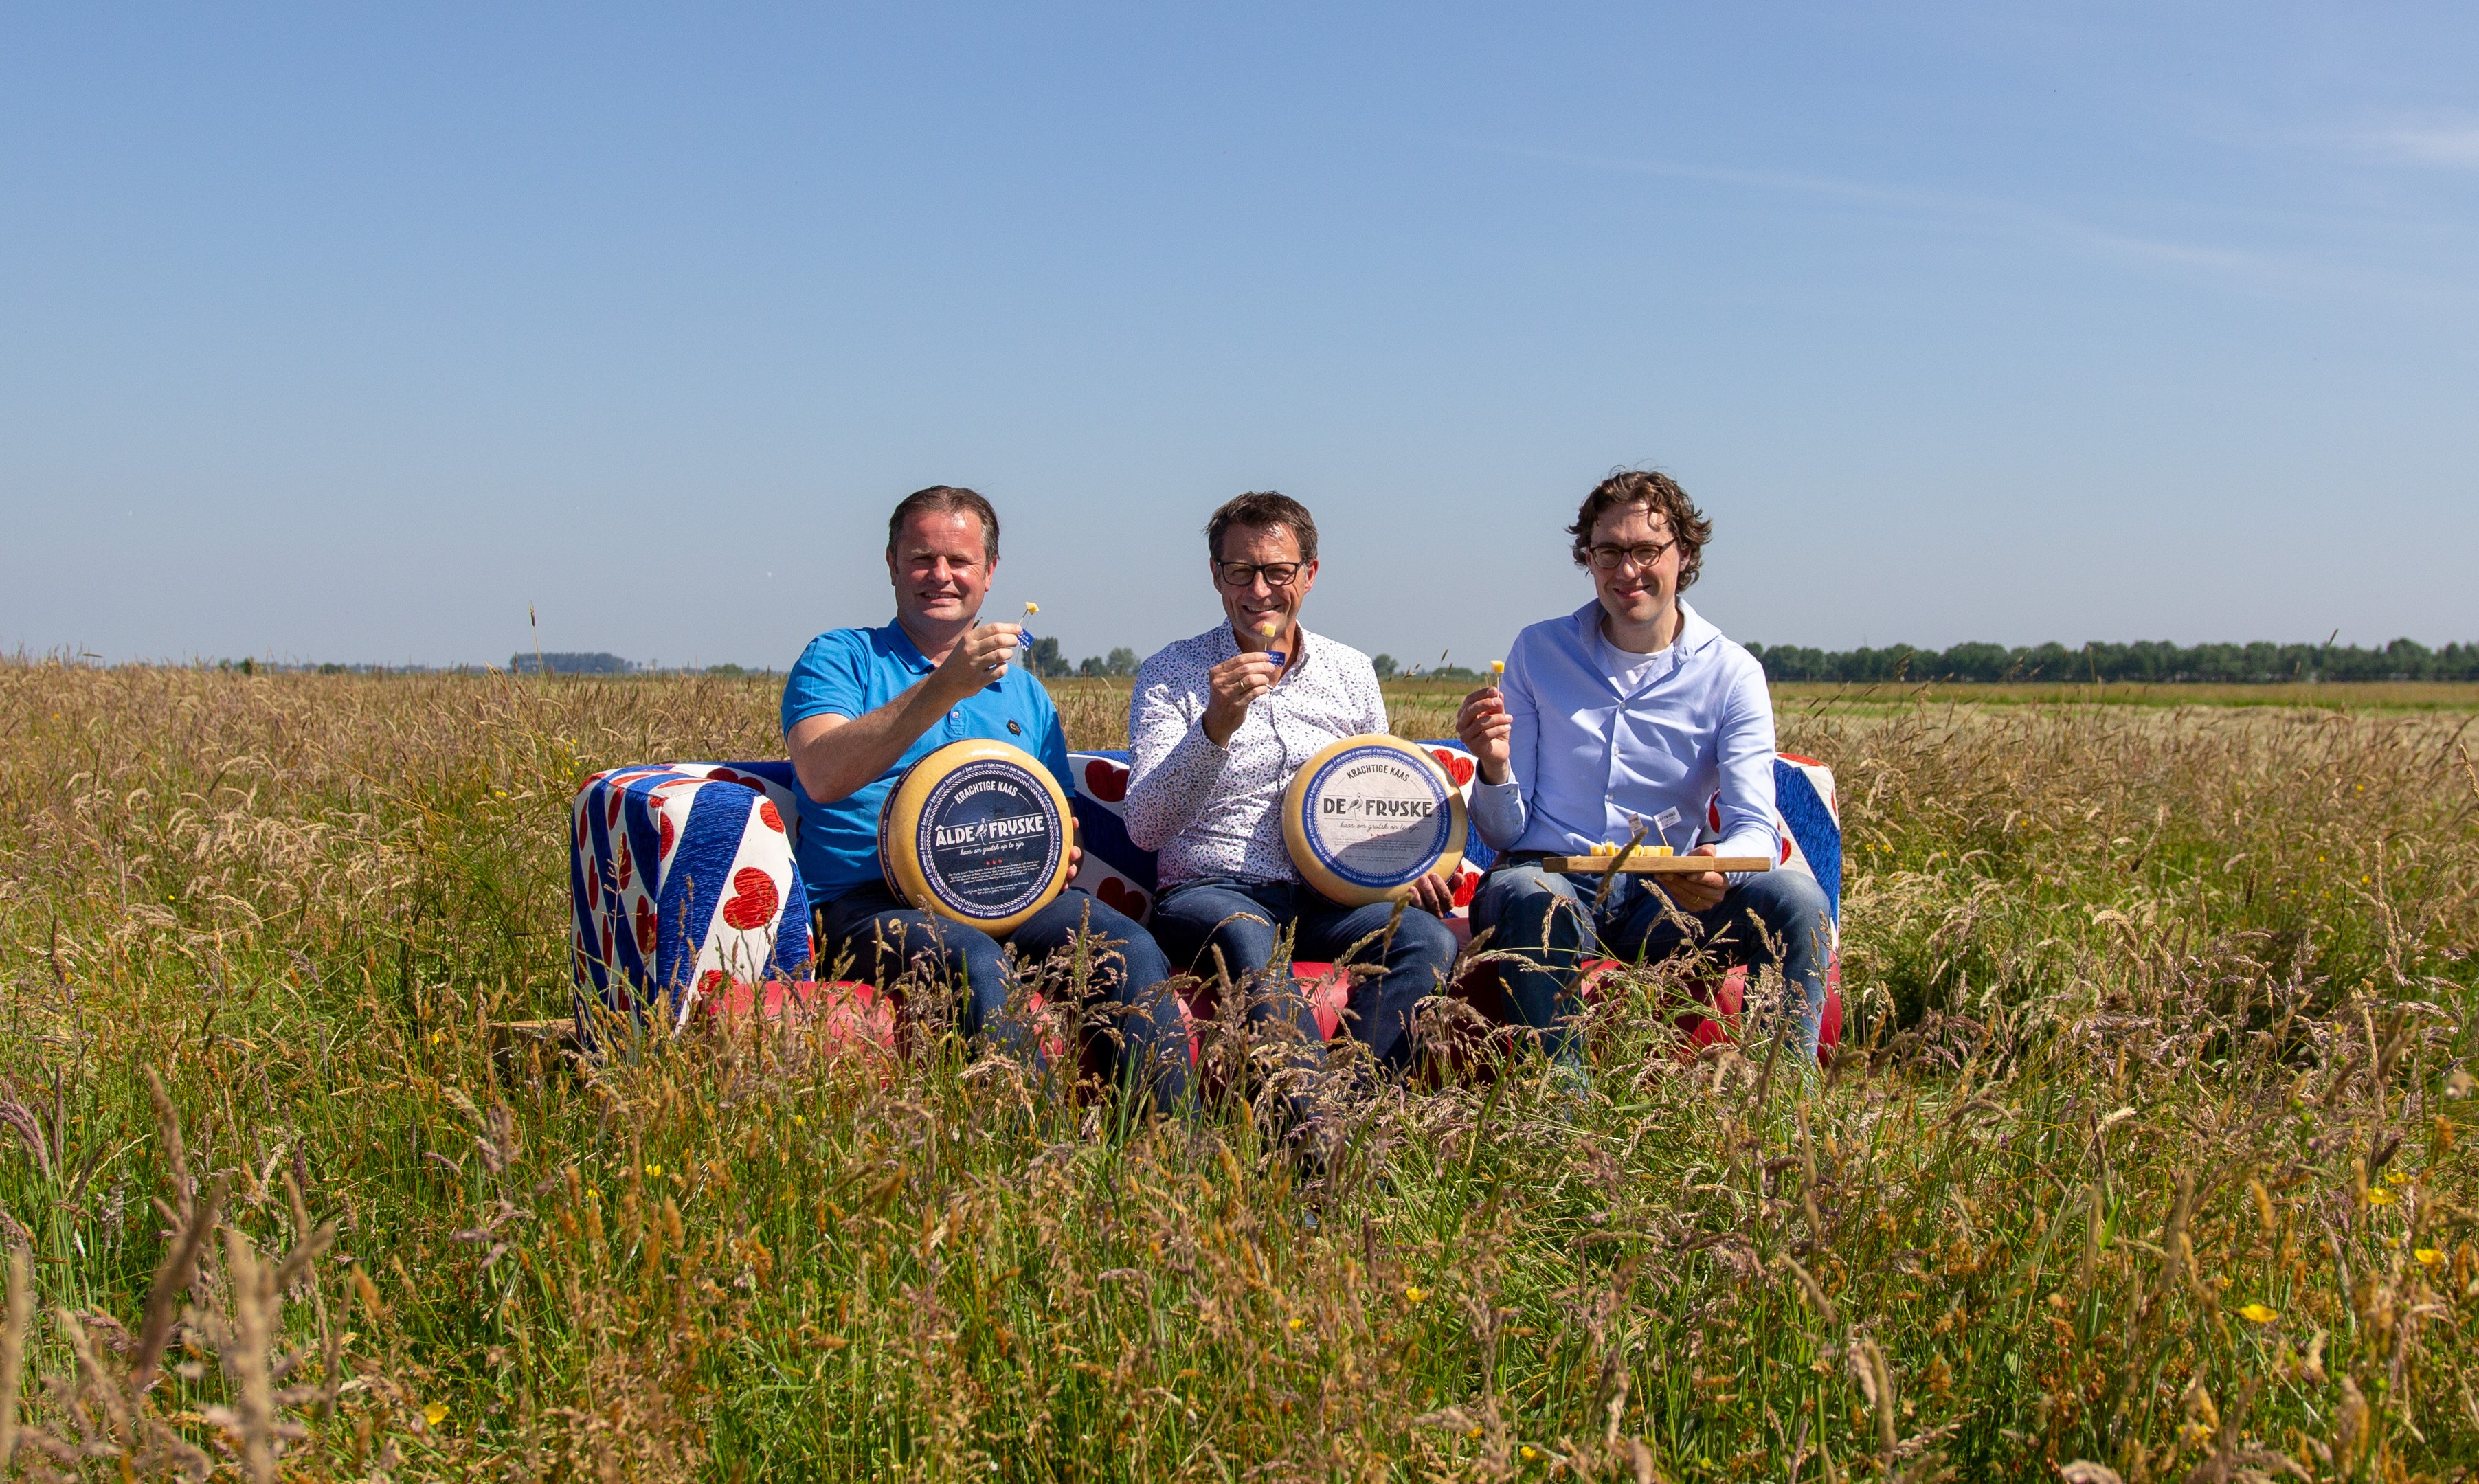 De Fryske sluit strategisch partnerschap met kaasgroothandel Zijerveld